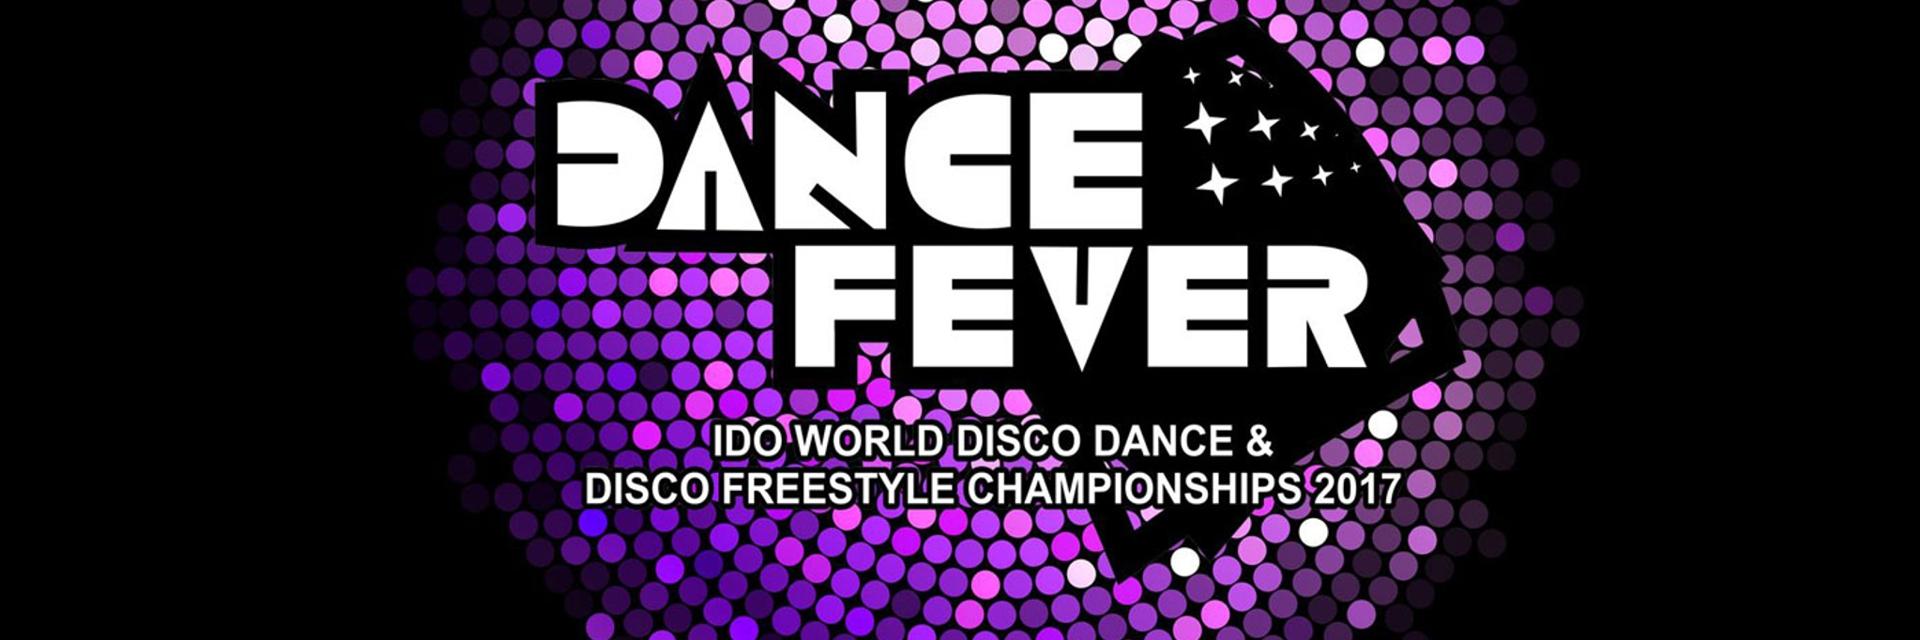 DANCE FEVER 2017